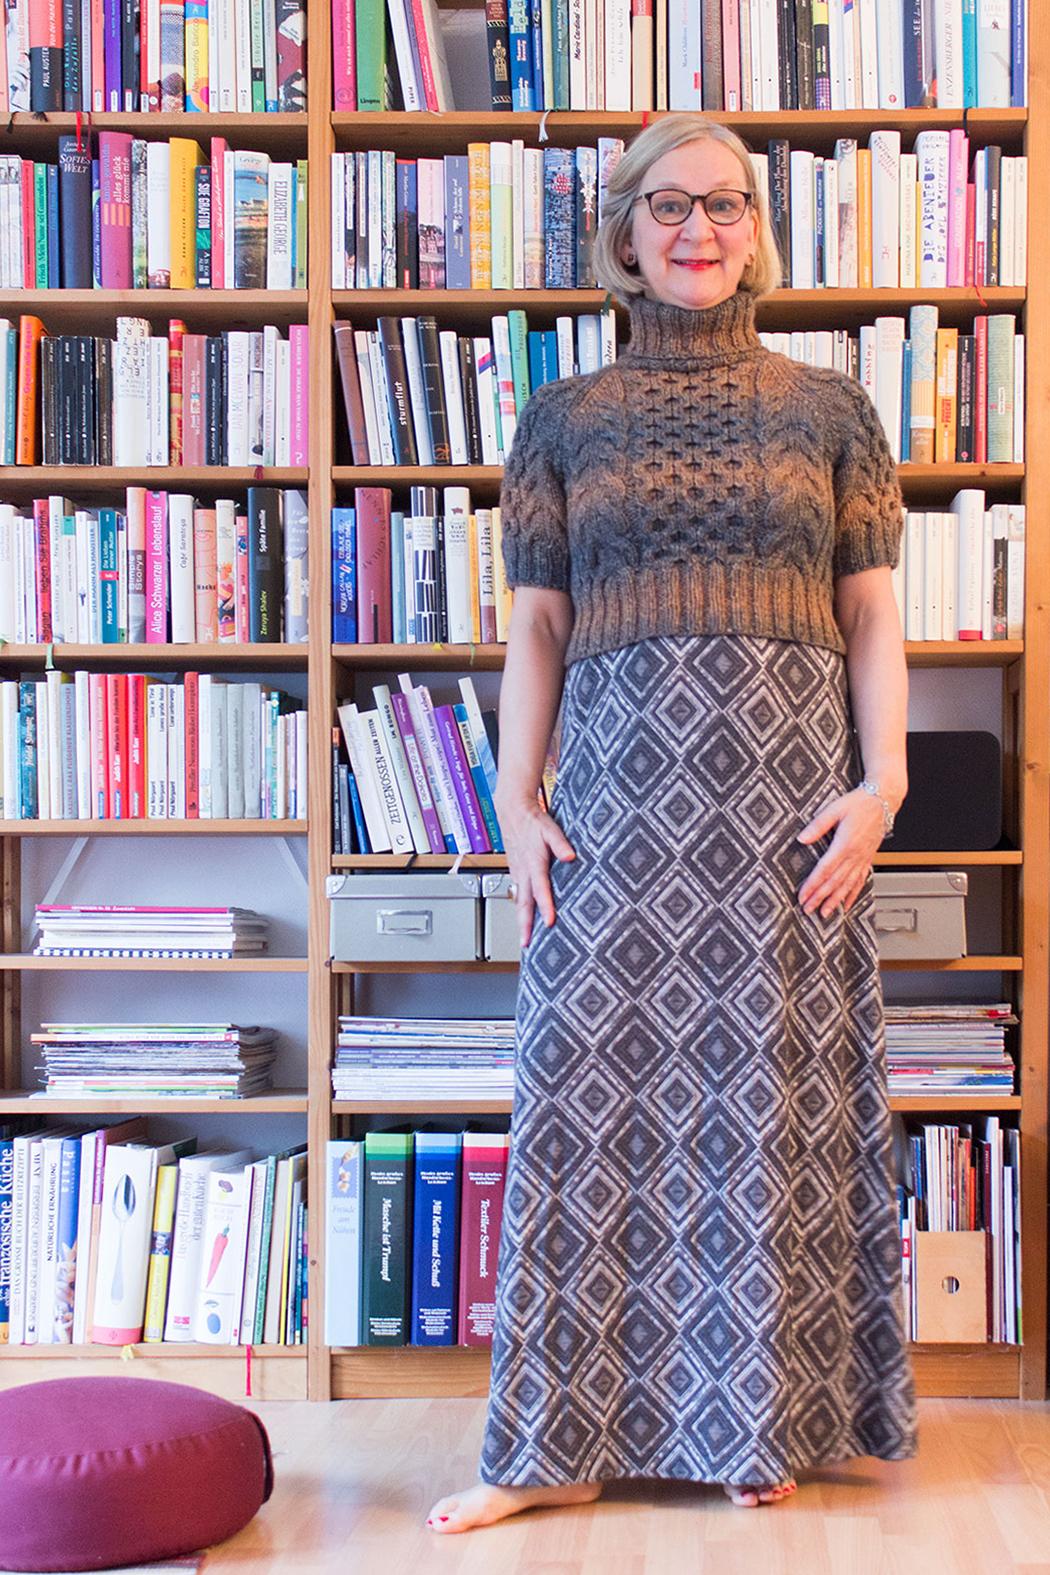 Eine Frau in einem handgestrickten Rollkragenpullover mit kurzen Ärmeln und einem langen Kleid steht vor einem Bücherregal